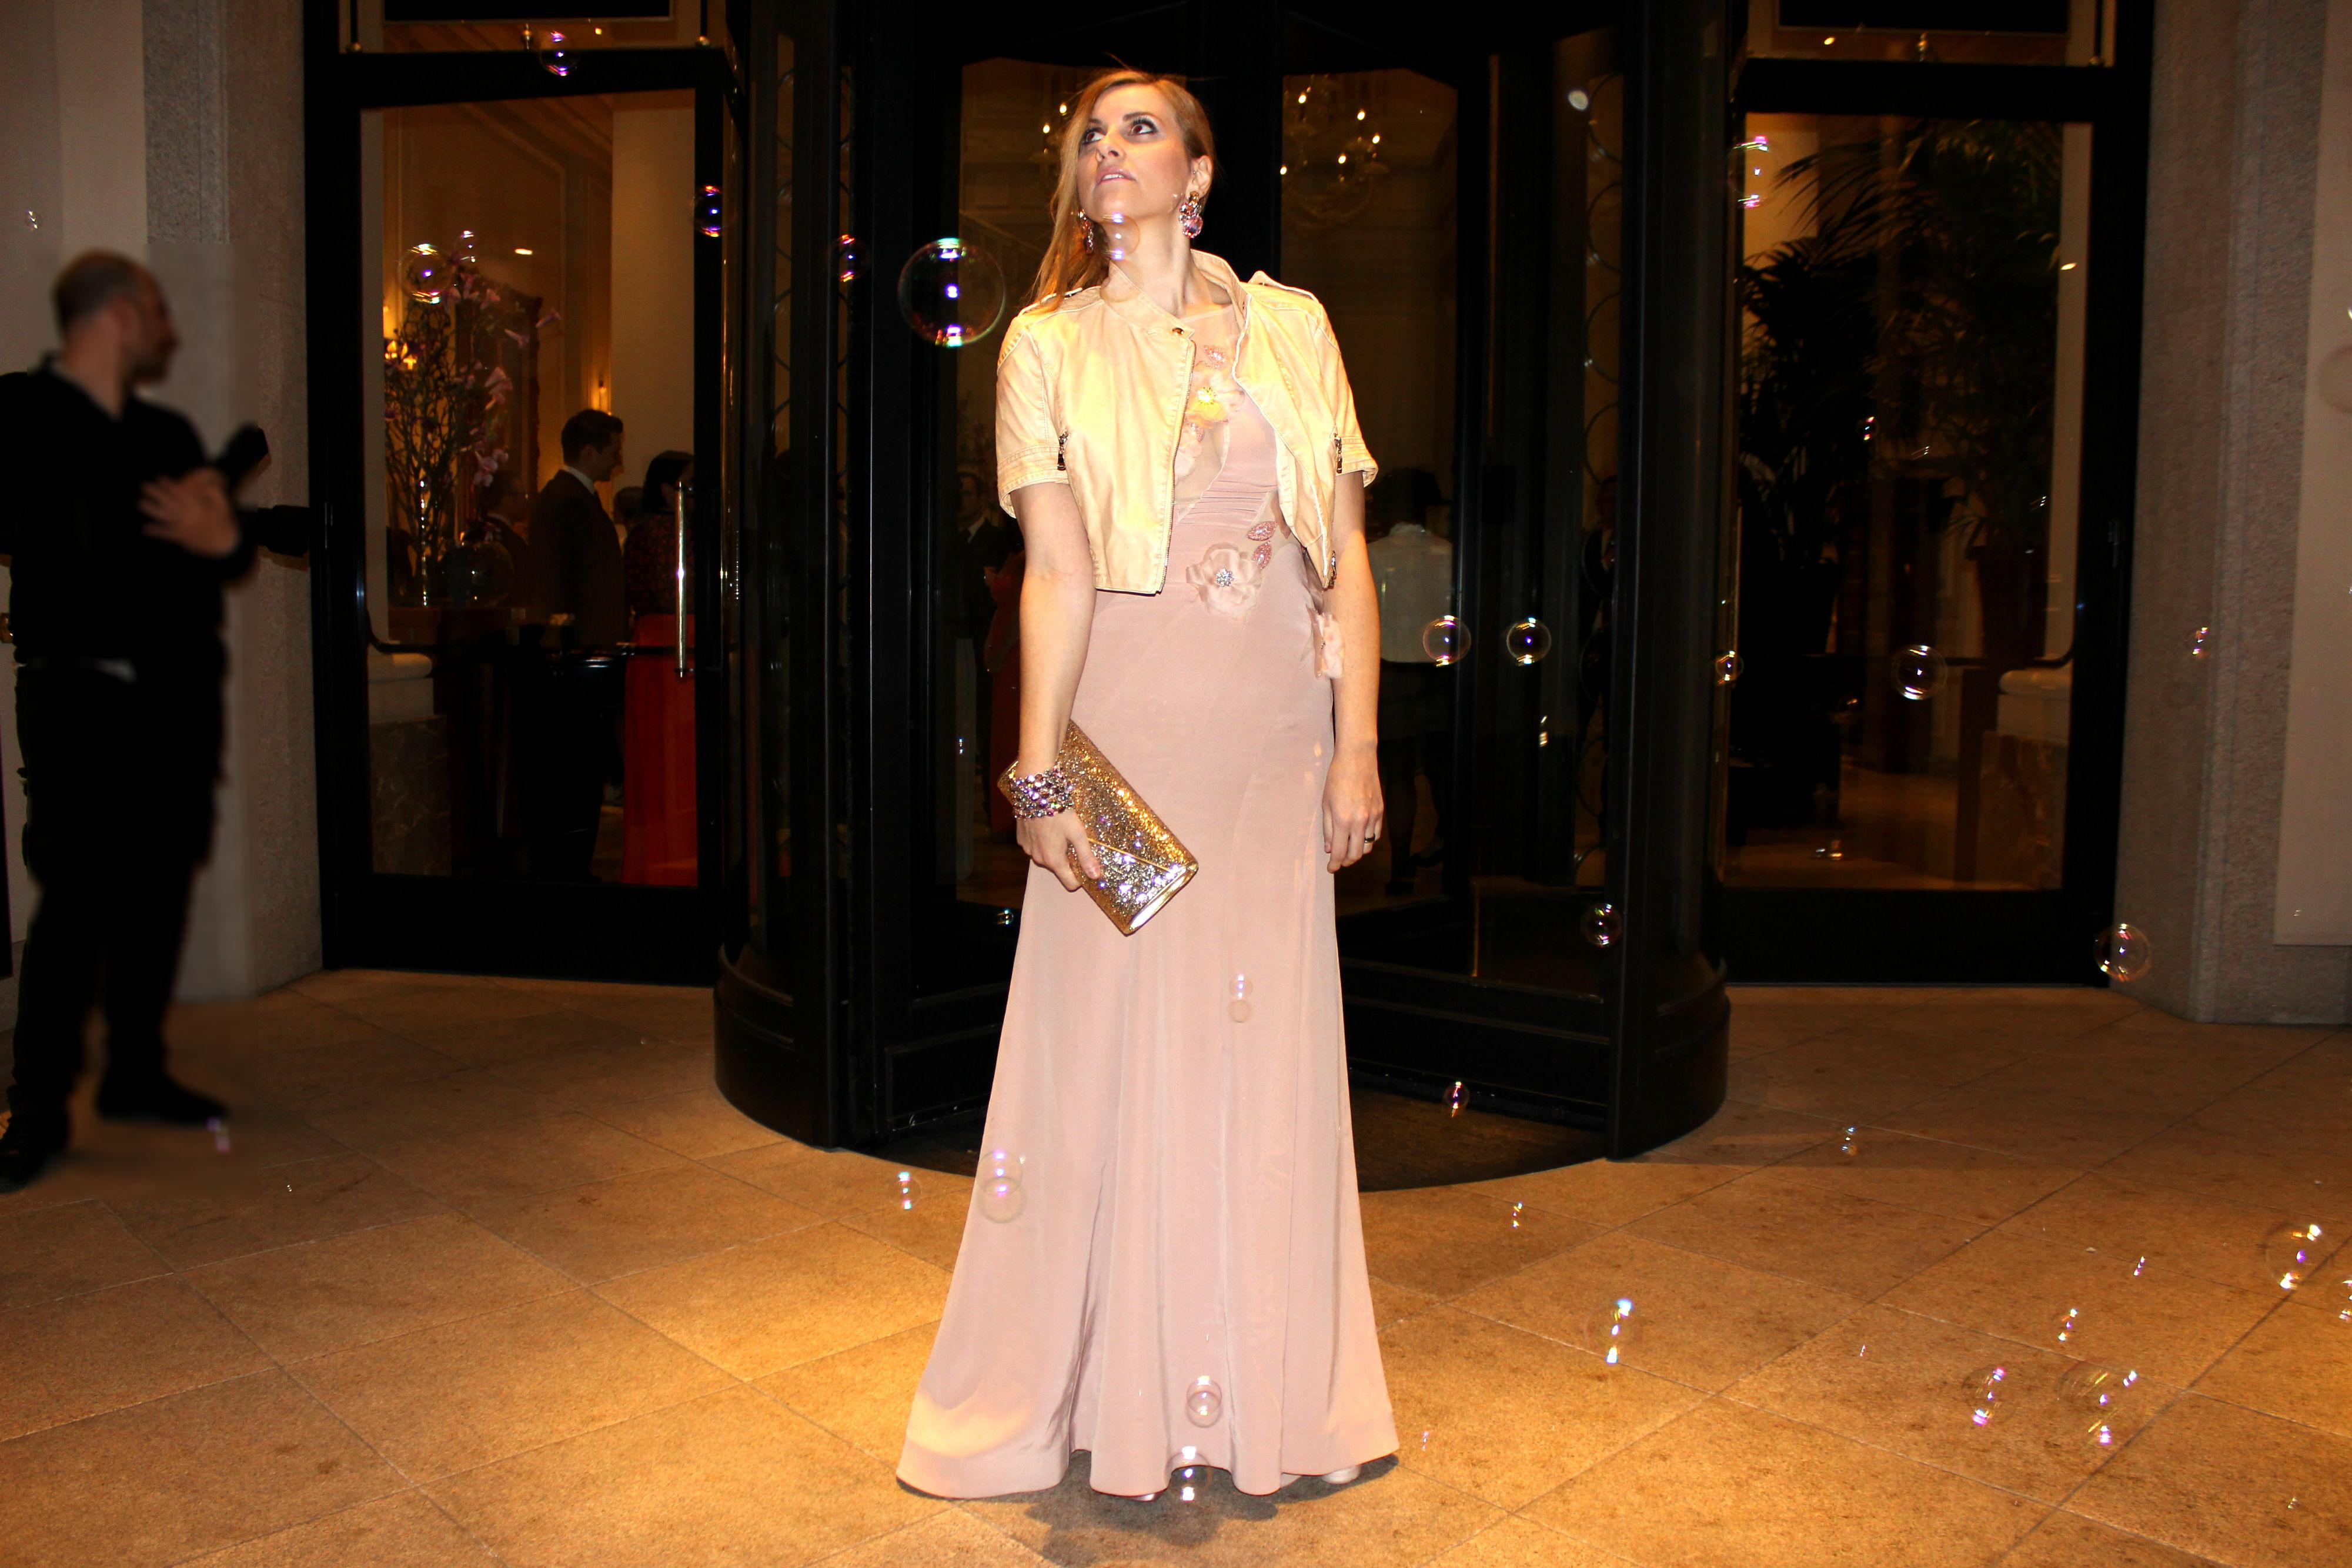 infant-charity-award-elisabettabertolini-fashionblogger-erasmofiorentino-menburshoes-deliguorogioiel